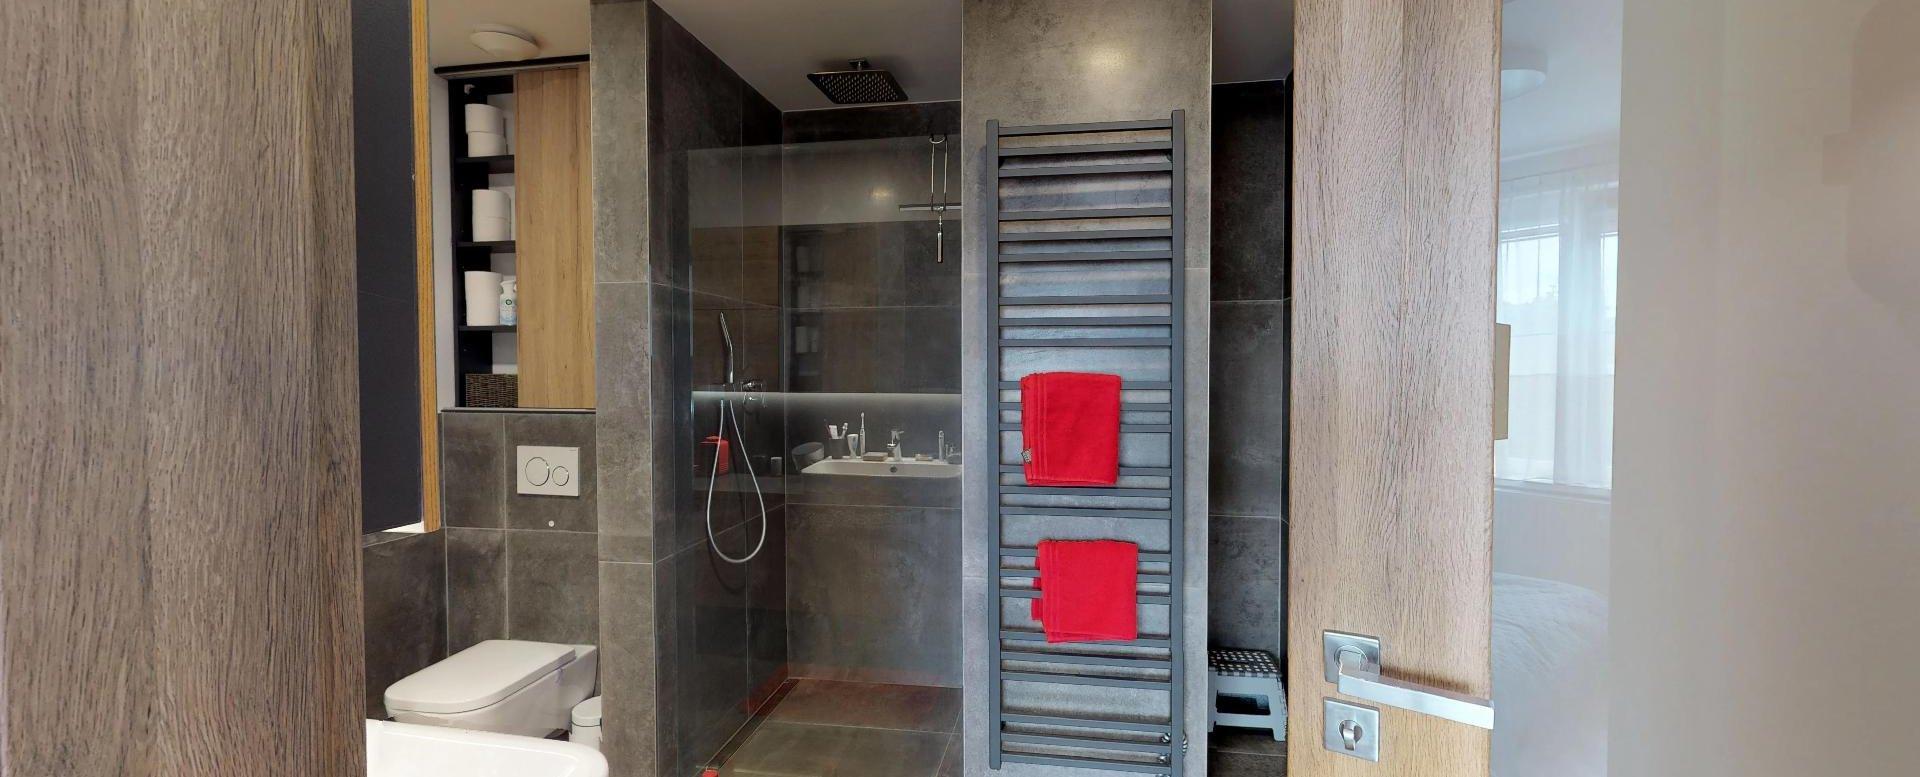 Moderná kúpeľňa so sprchovým kútom